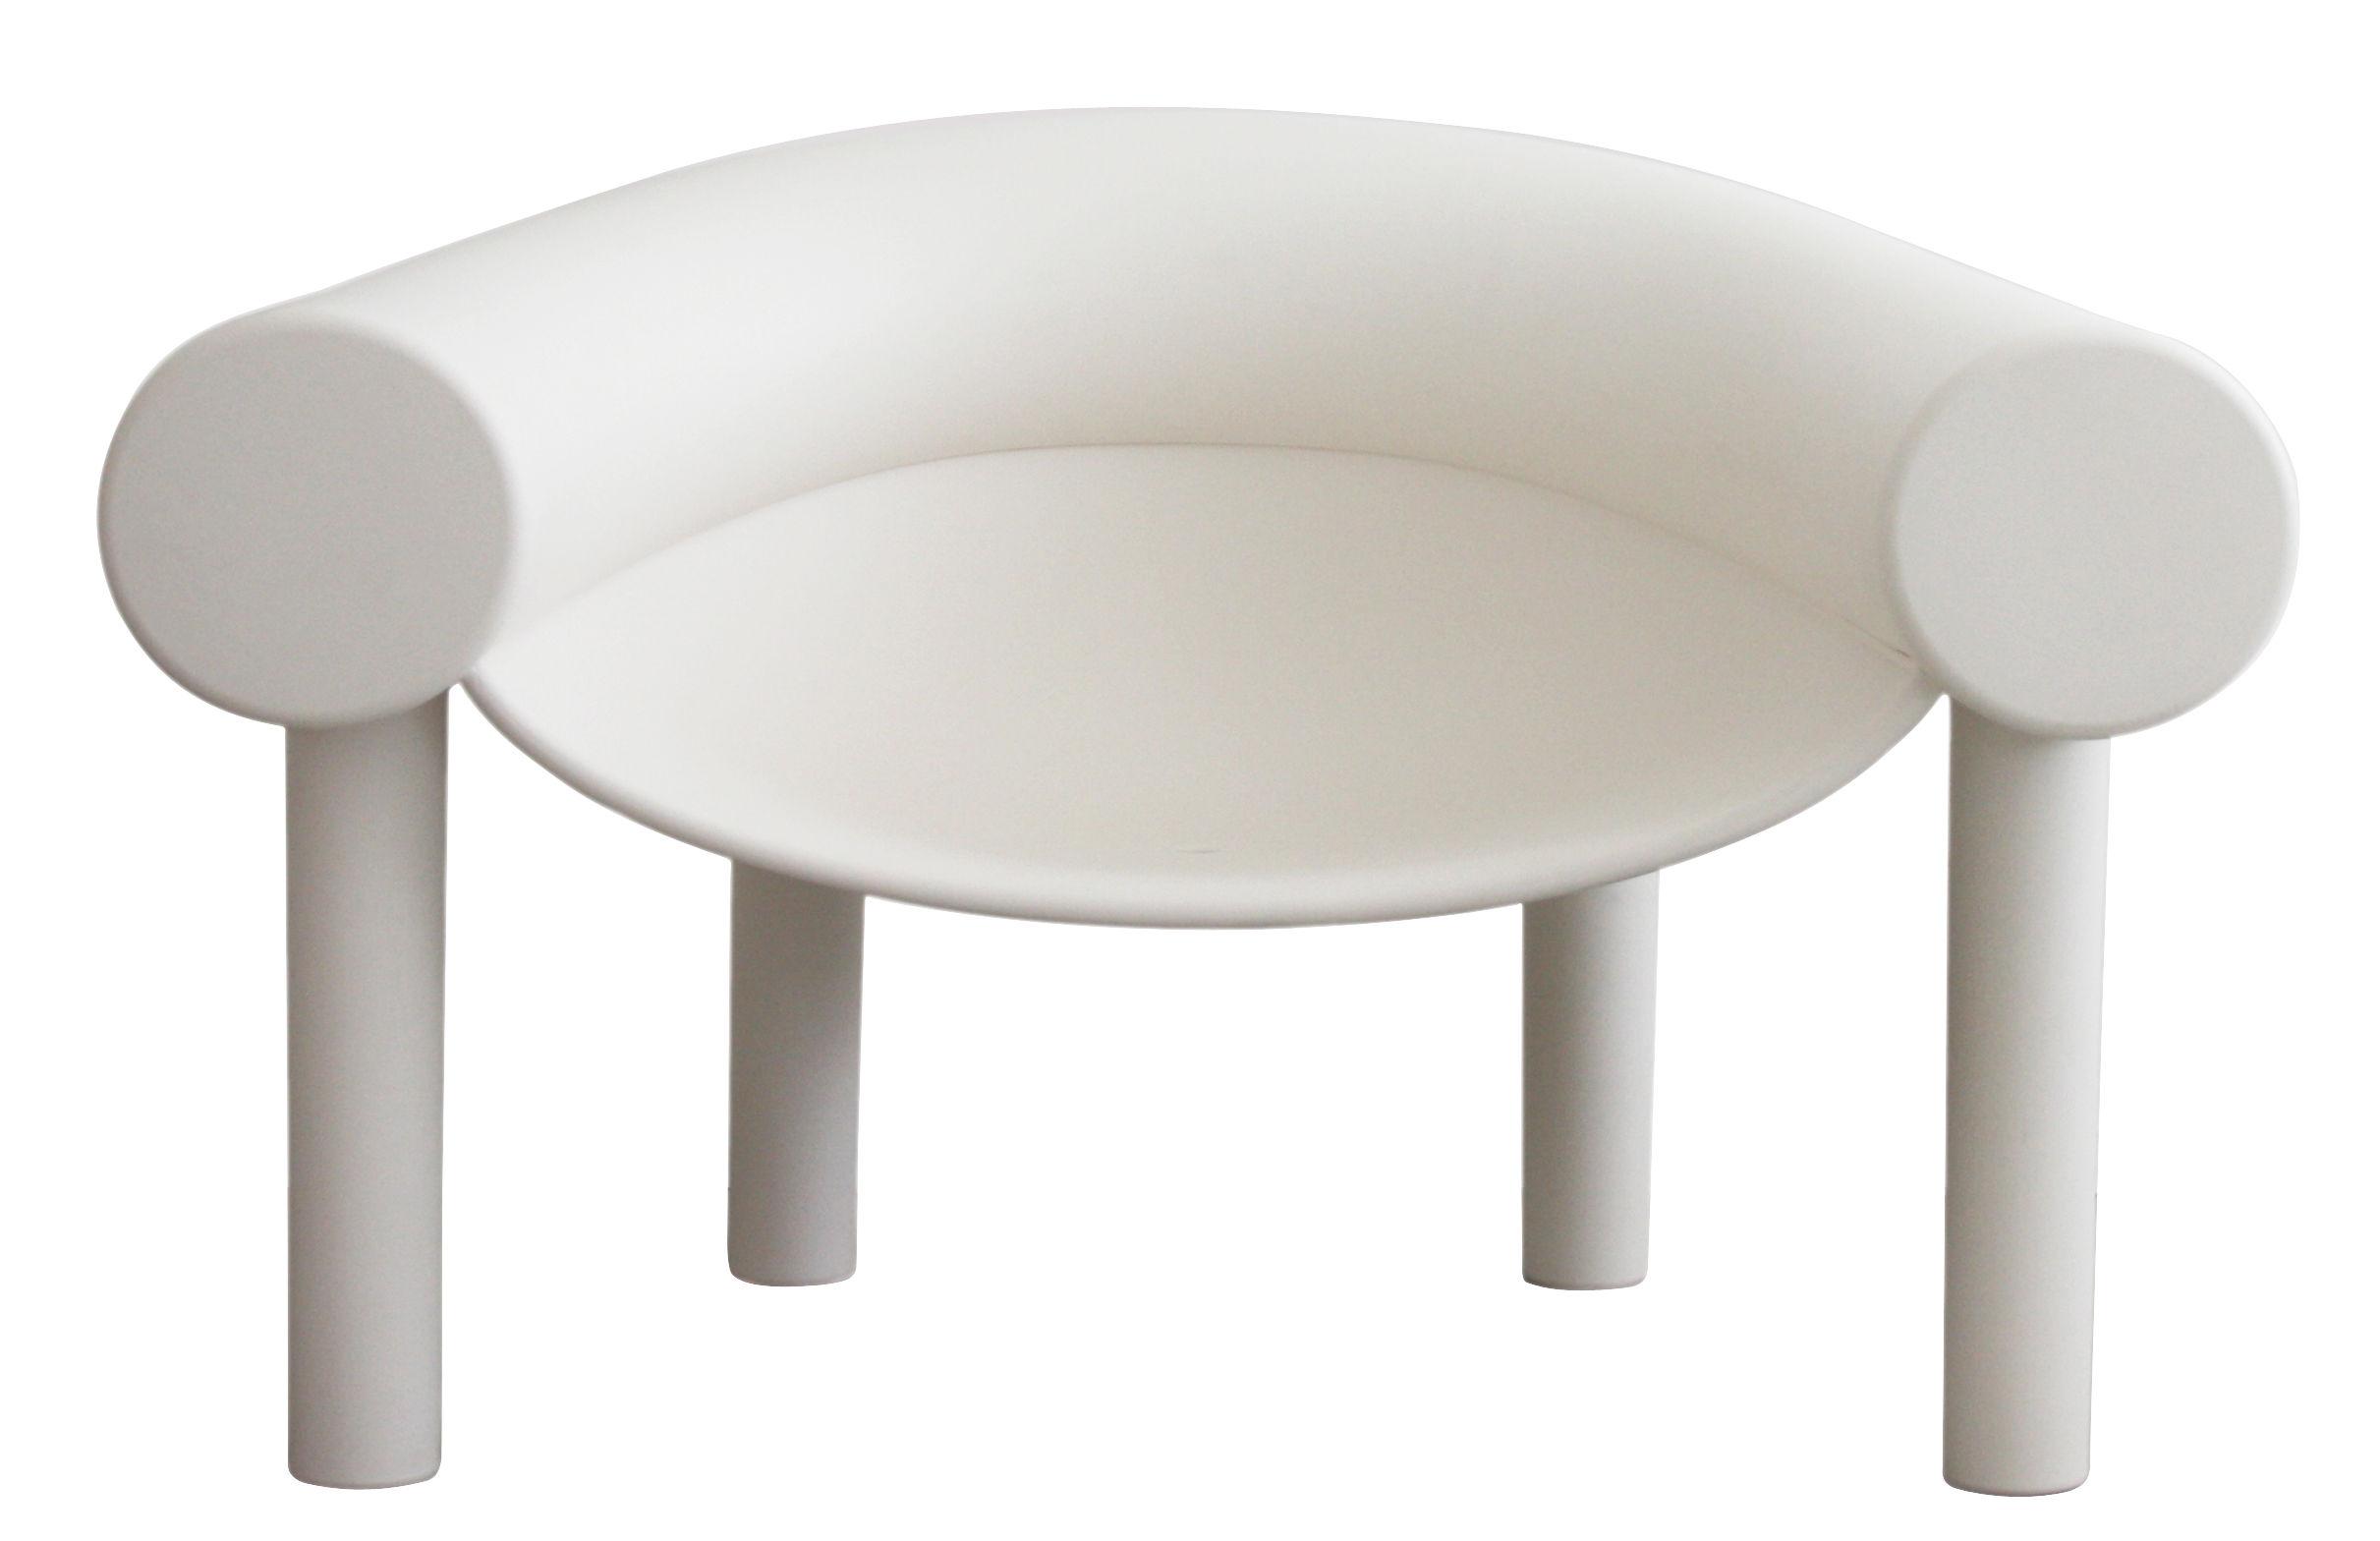 Arredamento - Poltrone design  - Poltrona bassa Sam Son / Plastica - Magis - Bianco - Materiale plastico